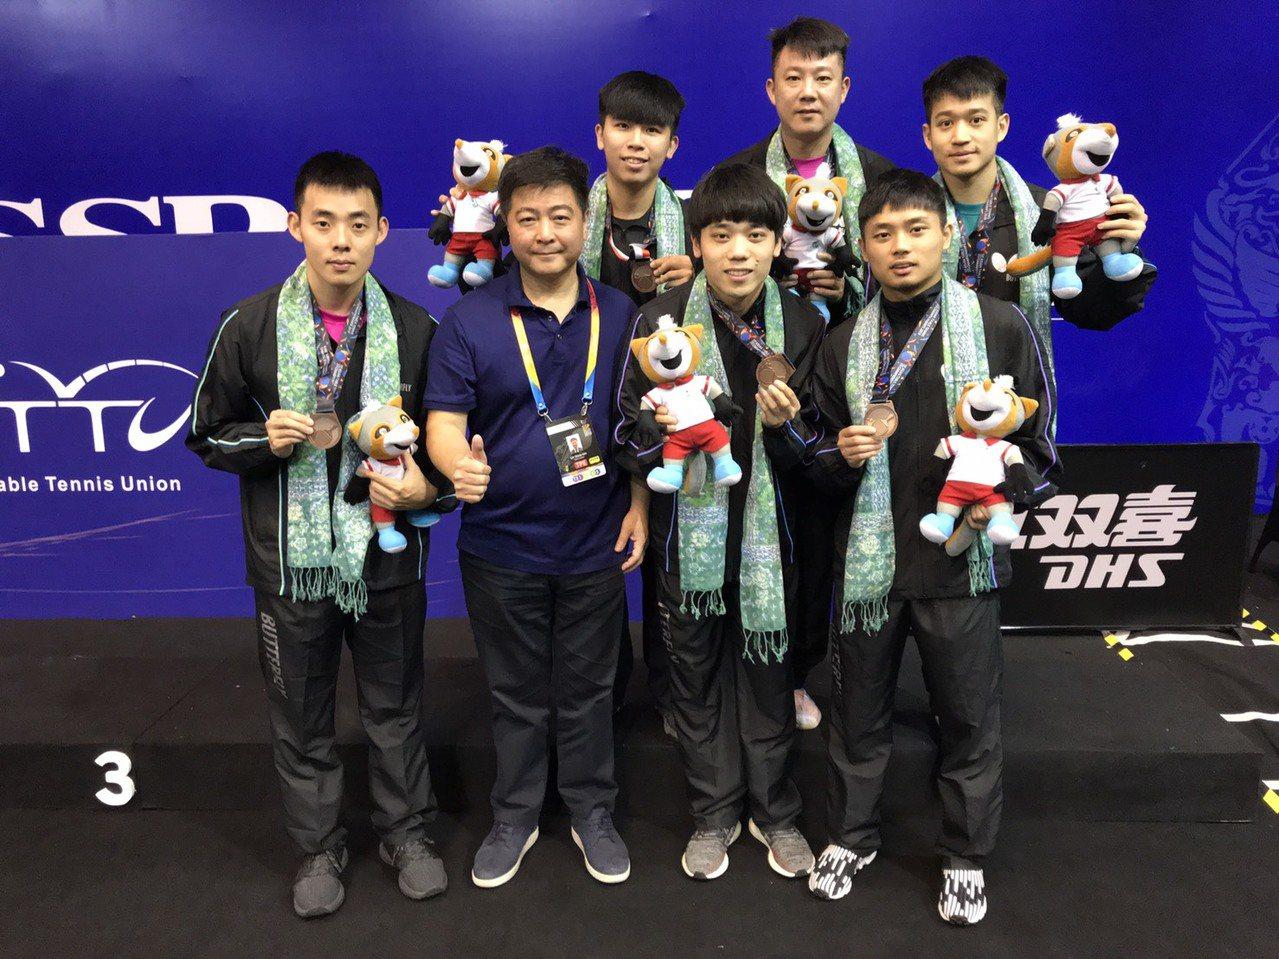 桌球亞錦賽4強賽,中華隊直落3點不敵南韓隊,再度收穫銅牌。 中華桌協提供